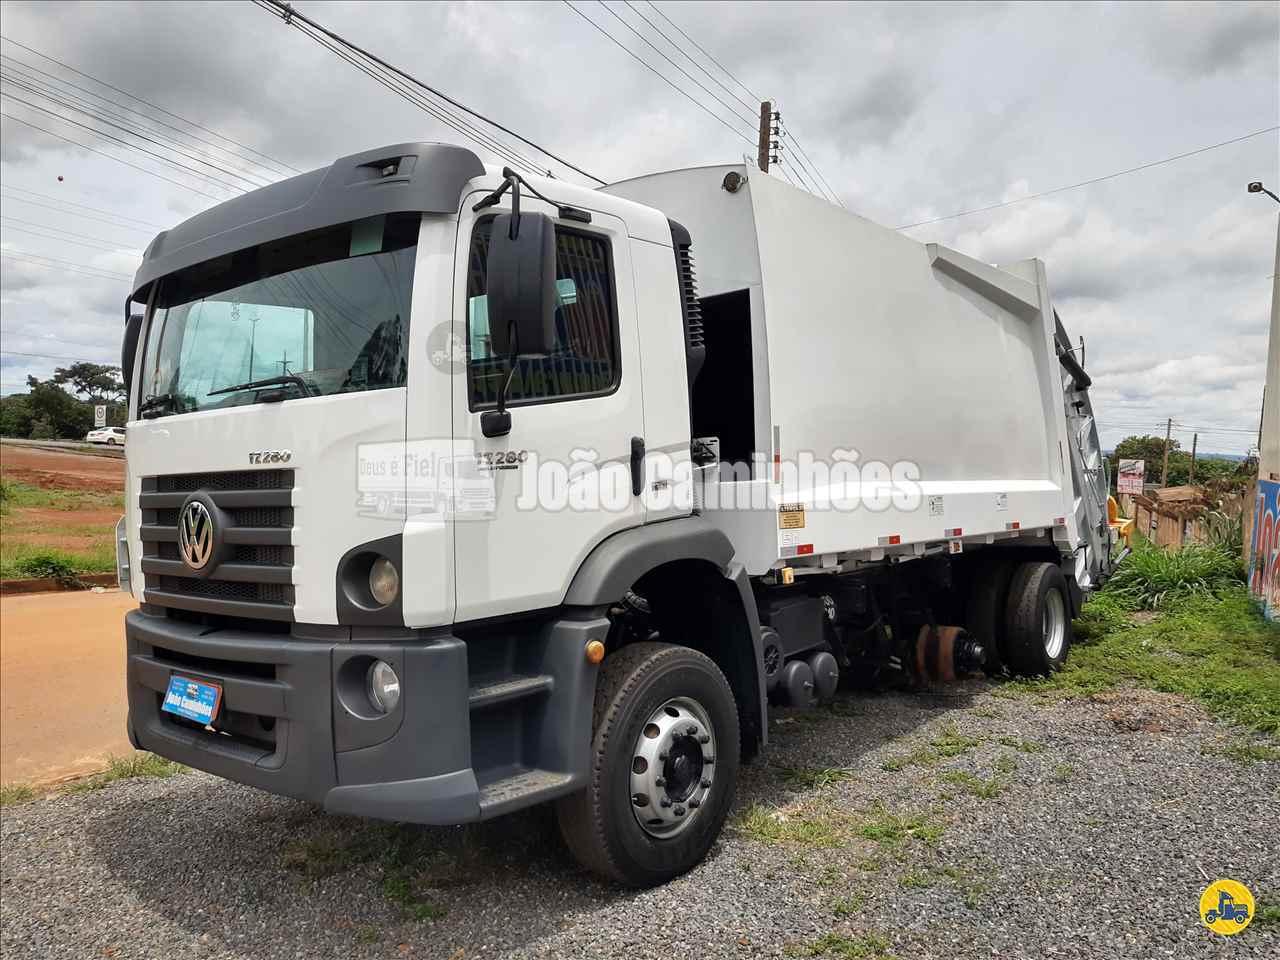 CAMINHAO VOLKSWAGEN VW 17280 Coletor de Lixo Truck 6x2 João Caminhões BRASILIA DISTRITO FEDERAL DF